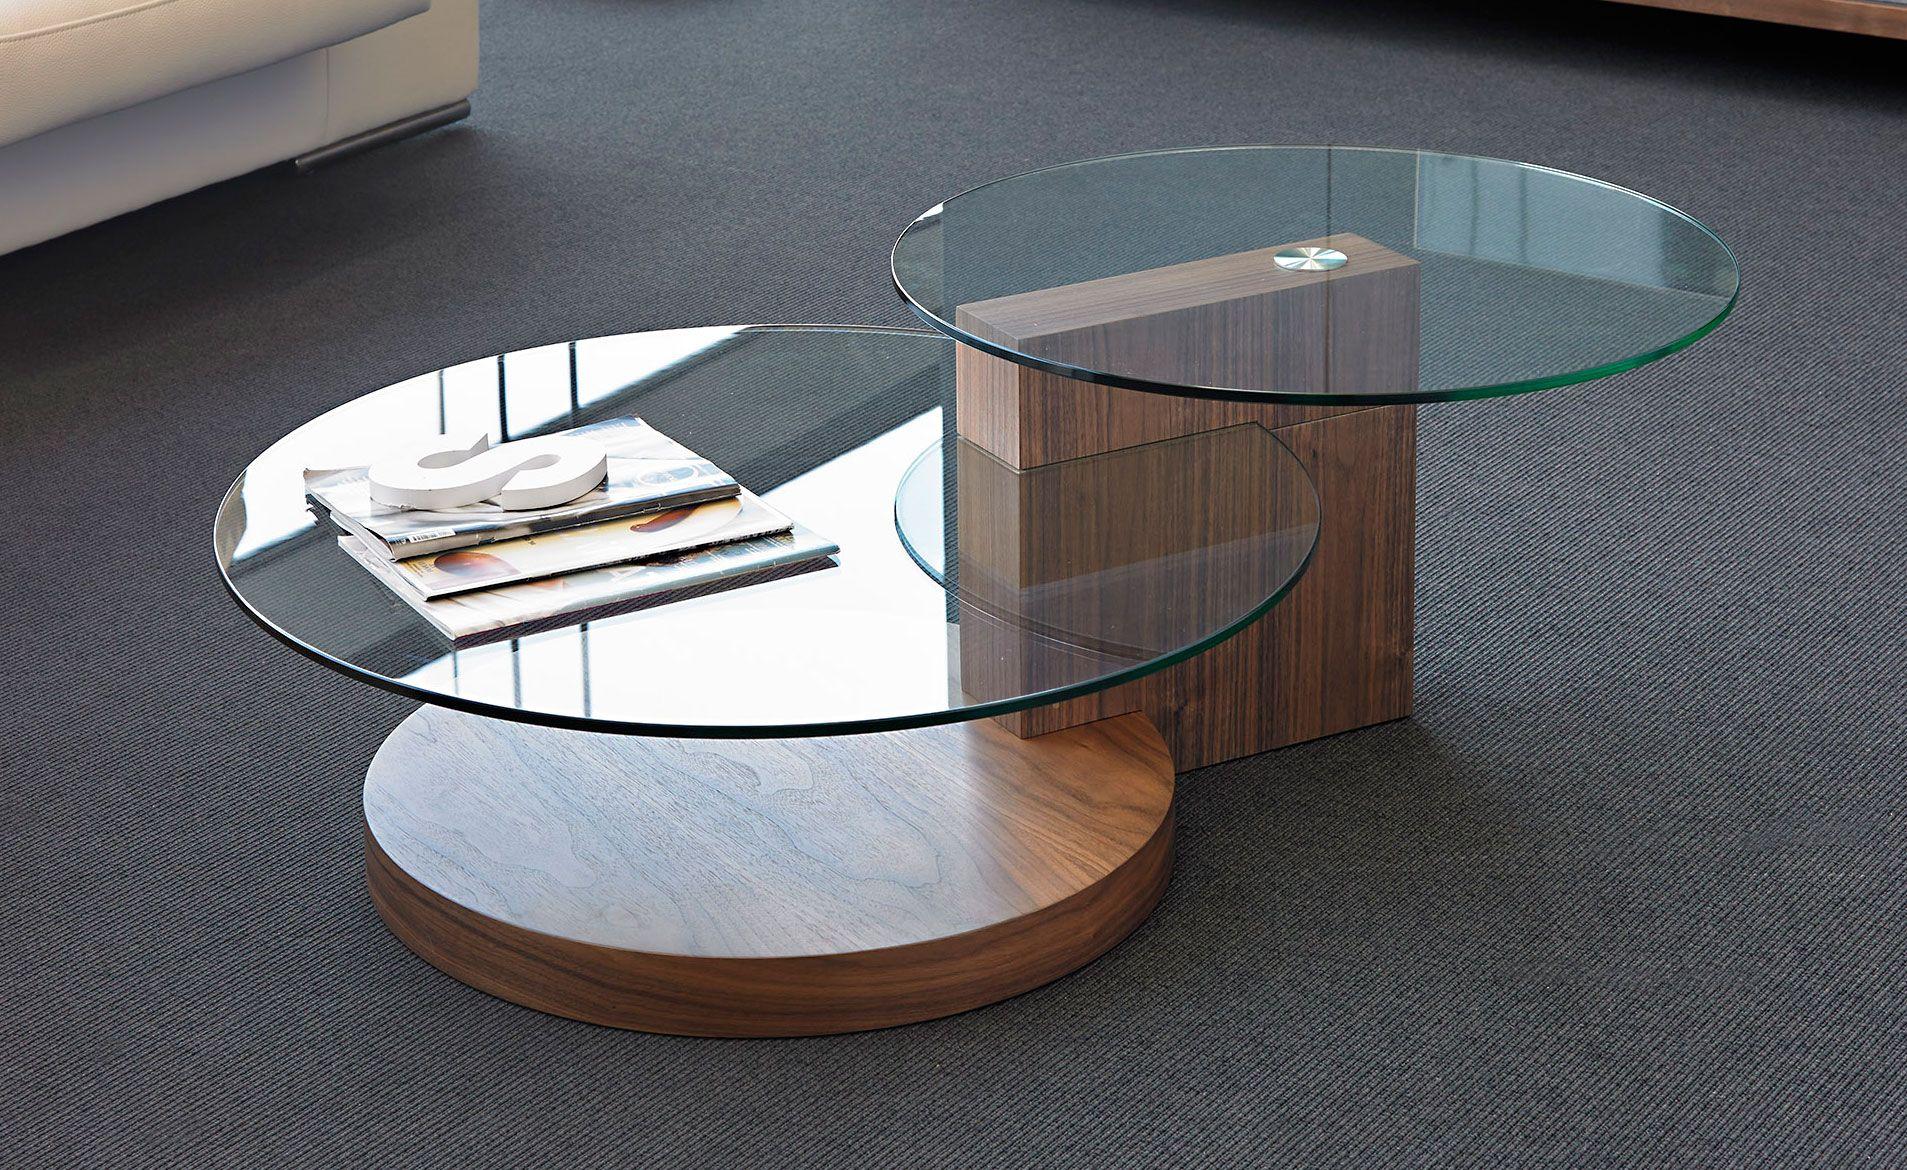 Mesa de centro nogal Pever | Mesa de centro moderna, Moderno y Centro